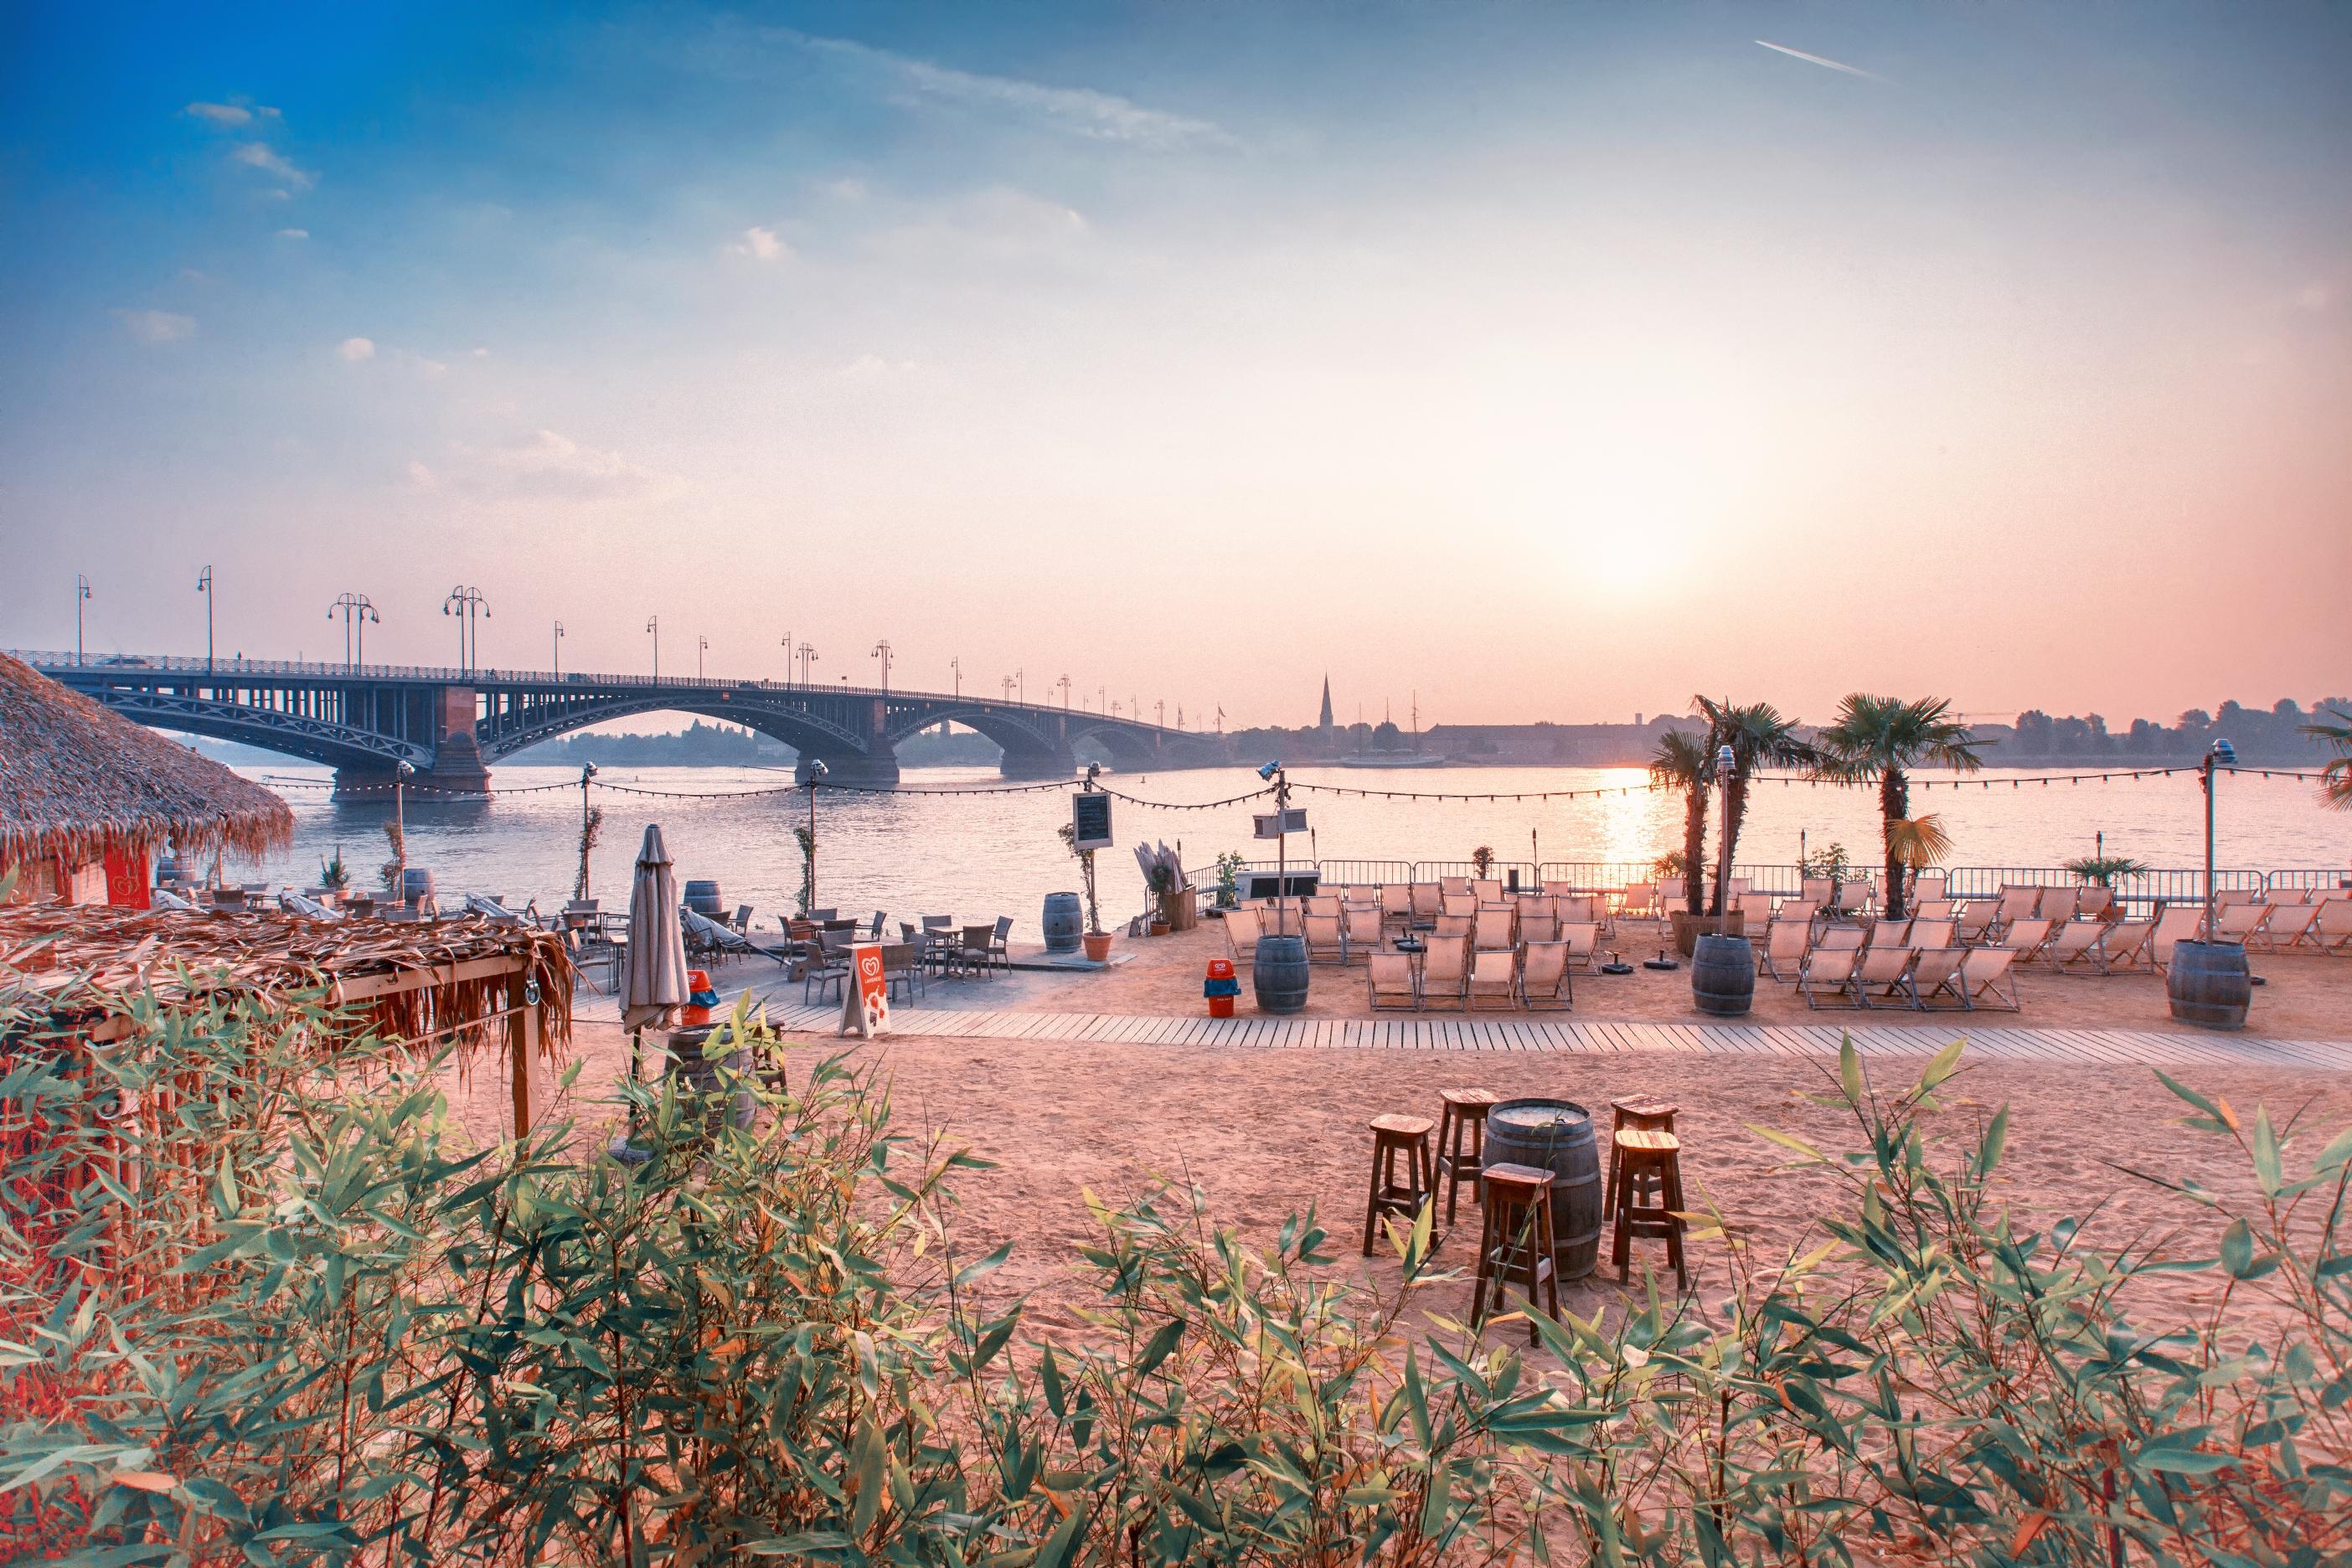 Blick vom Rheinstrand auf die Theodor-Heuss-Brücke in Mainz, Rheinhessen